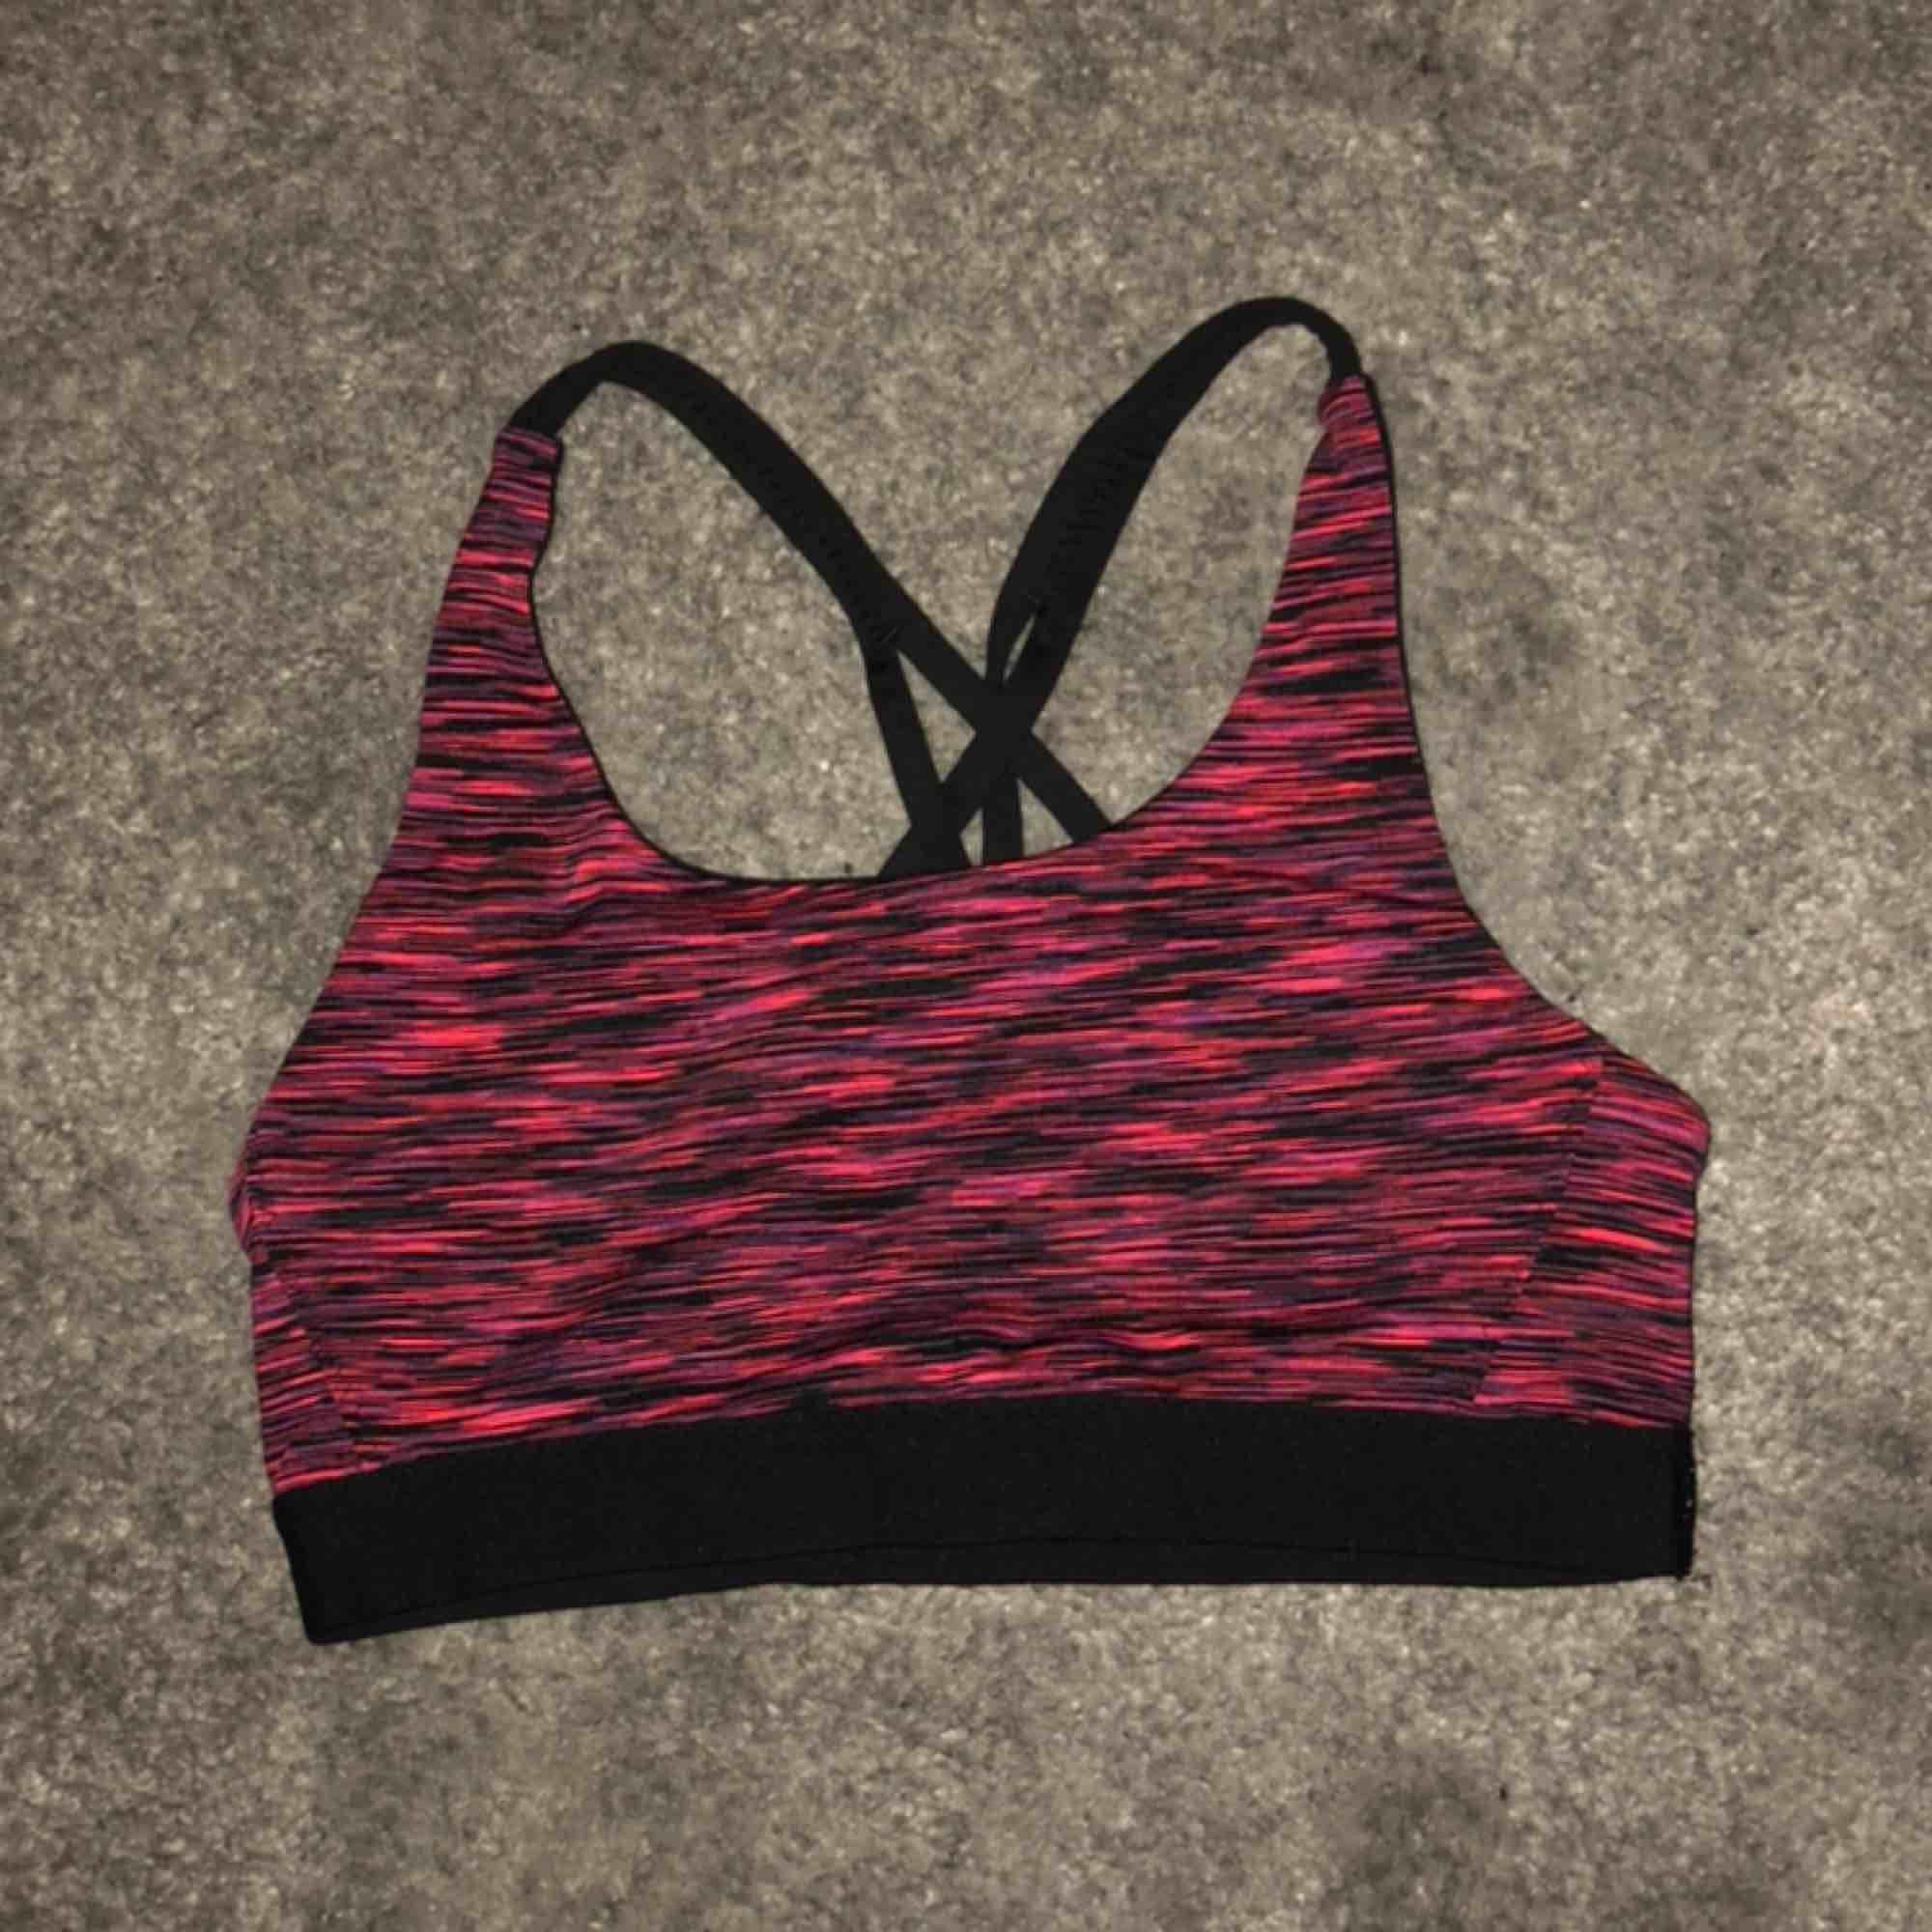 En jättefin rosa spräckning sporttopp från H&M i storlek 158/164. Använd ett fåtal gånger men näst intill nyskick🌟🦋 (köparen står för frakten, 18kr!!). Övrigt.